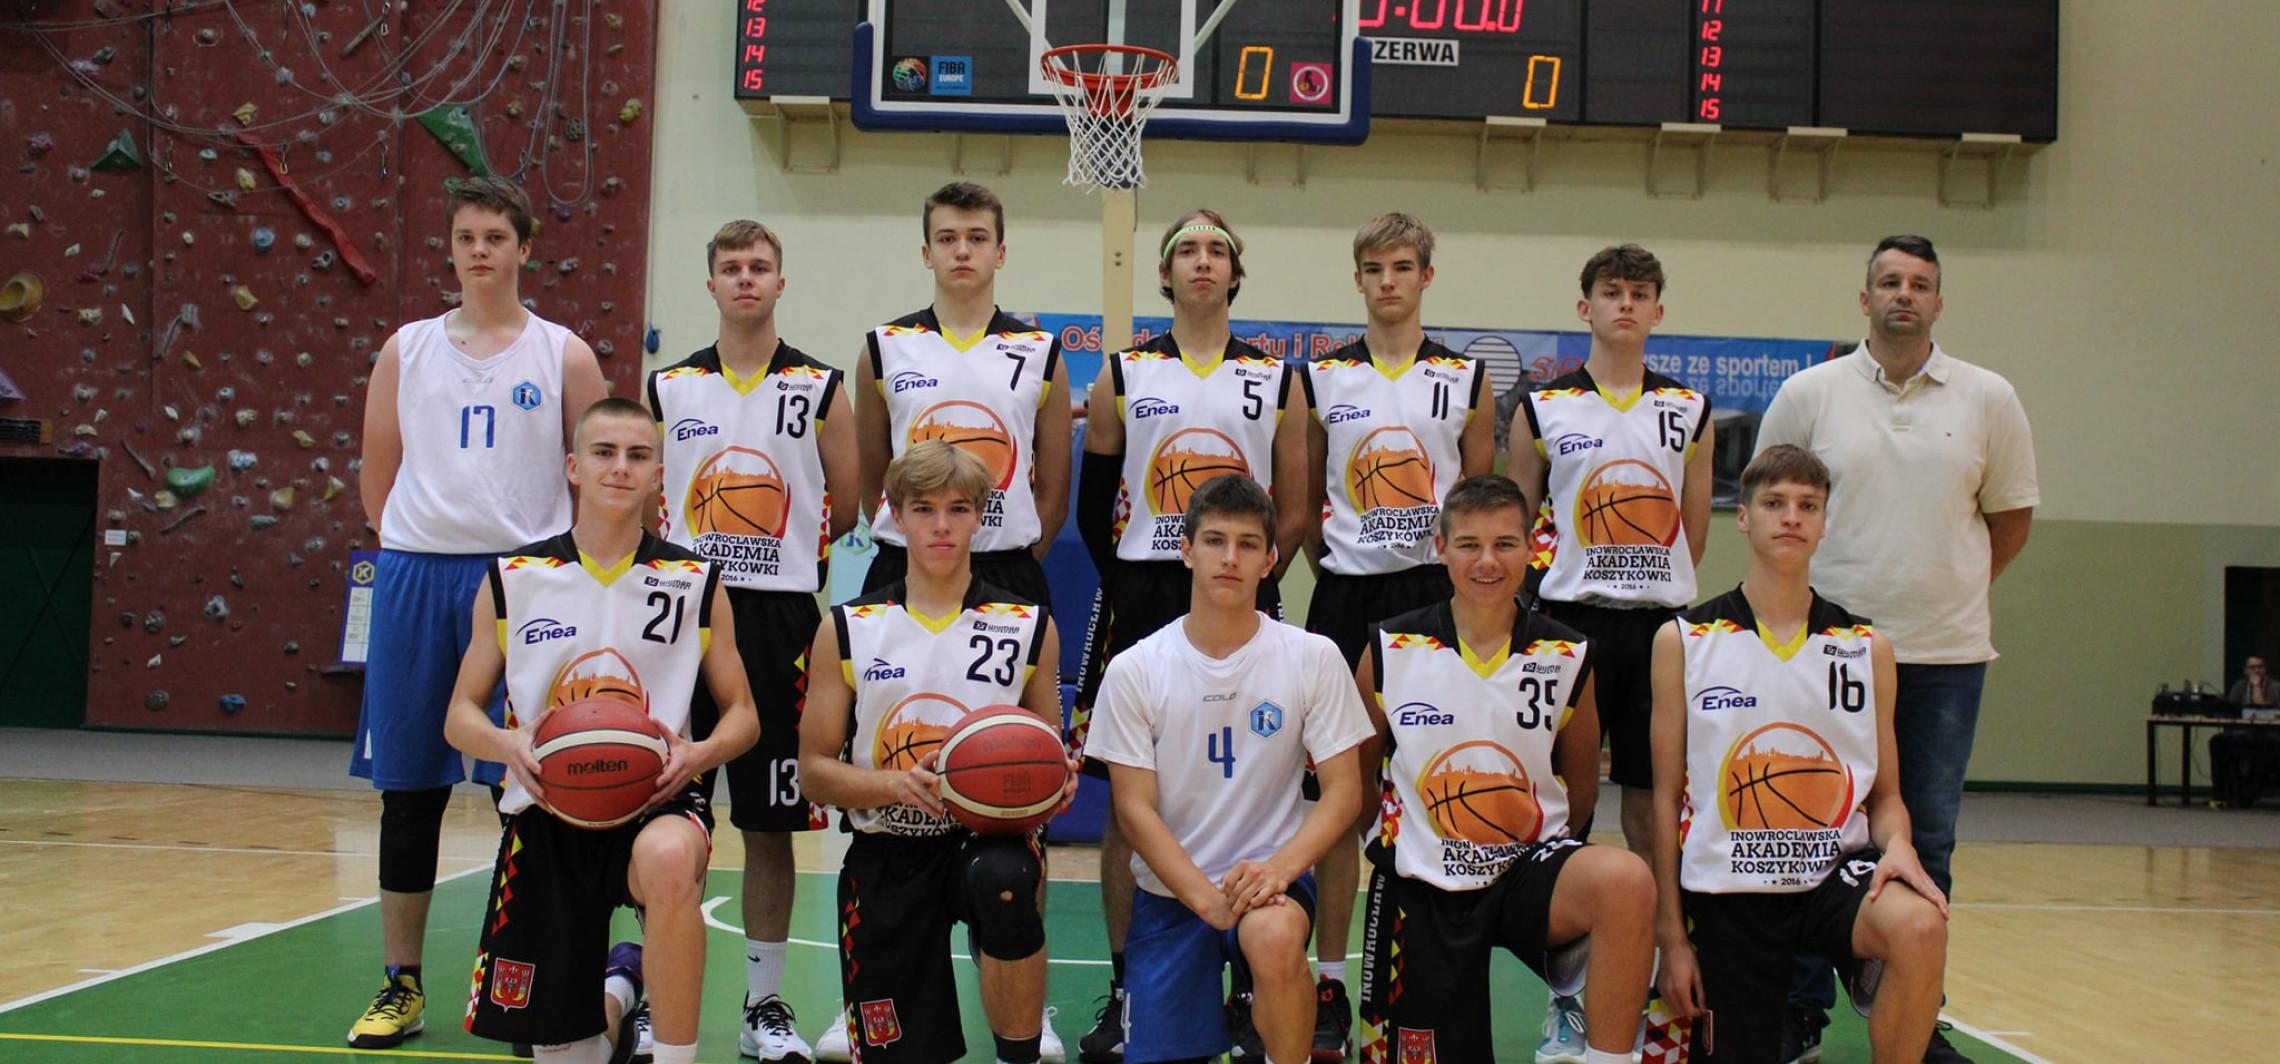 Inowrocław - Klub z Inowrocławia zgłosił dziesięć drużyn na sezon